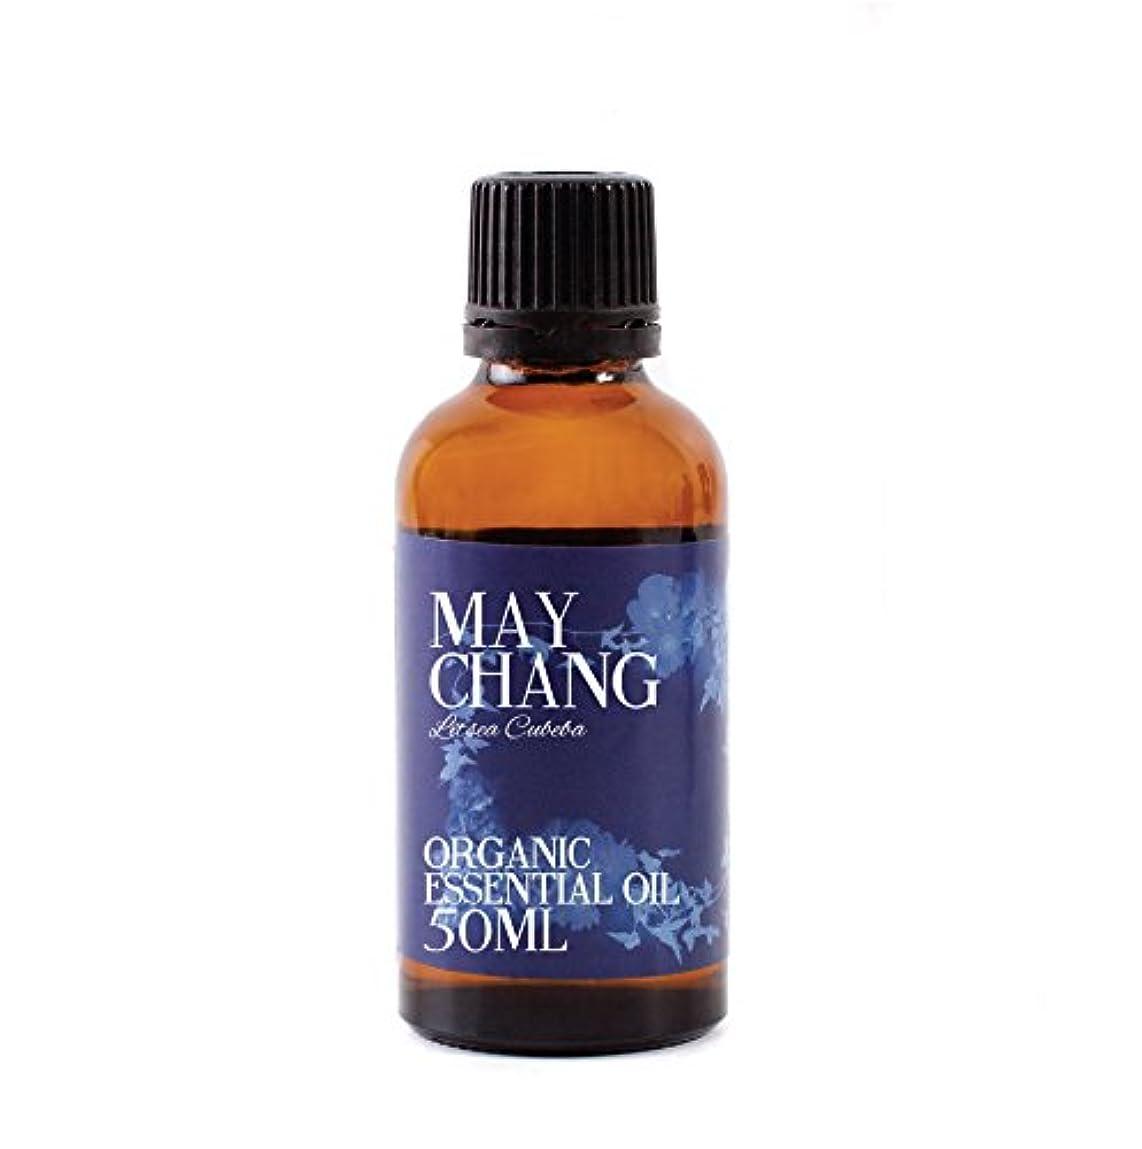 集計また明日ねリサイクルするLitsea Cubeba (May Chang) Organic Essential Oil - 50ml - 100% Pure